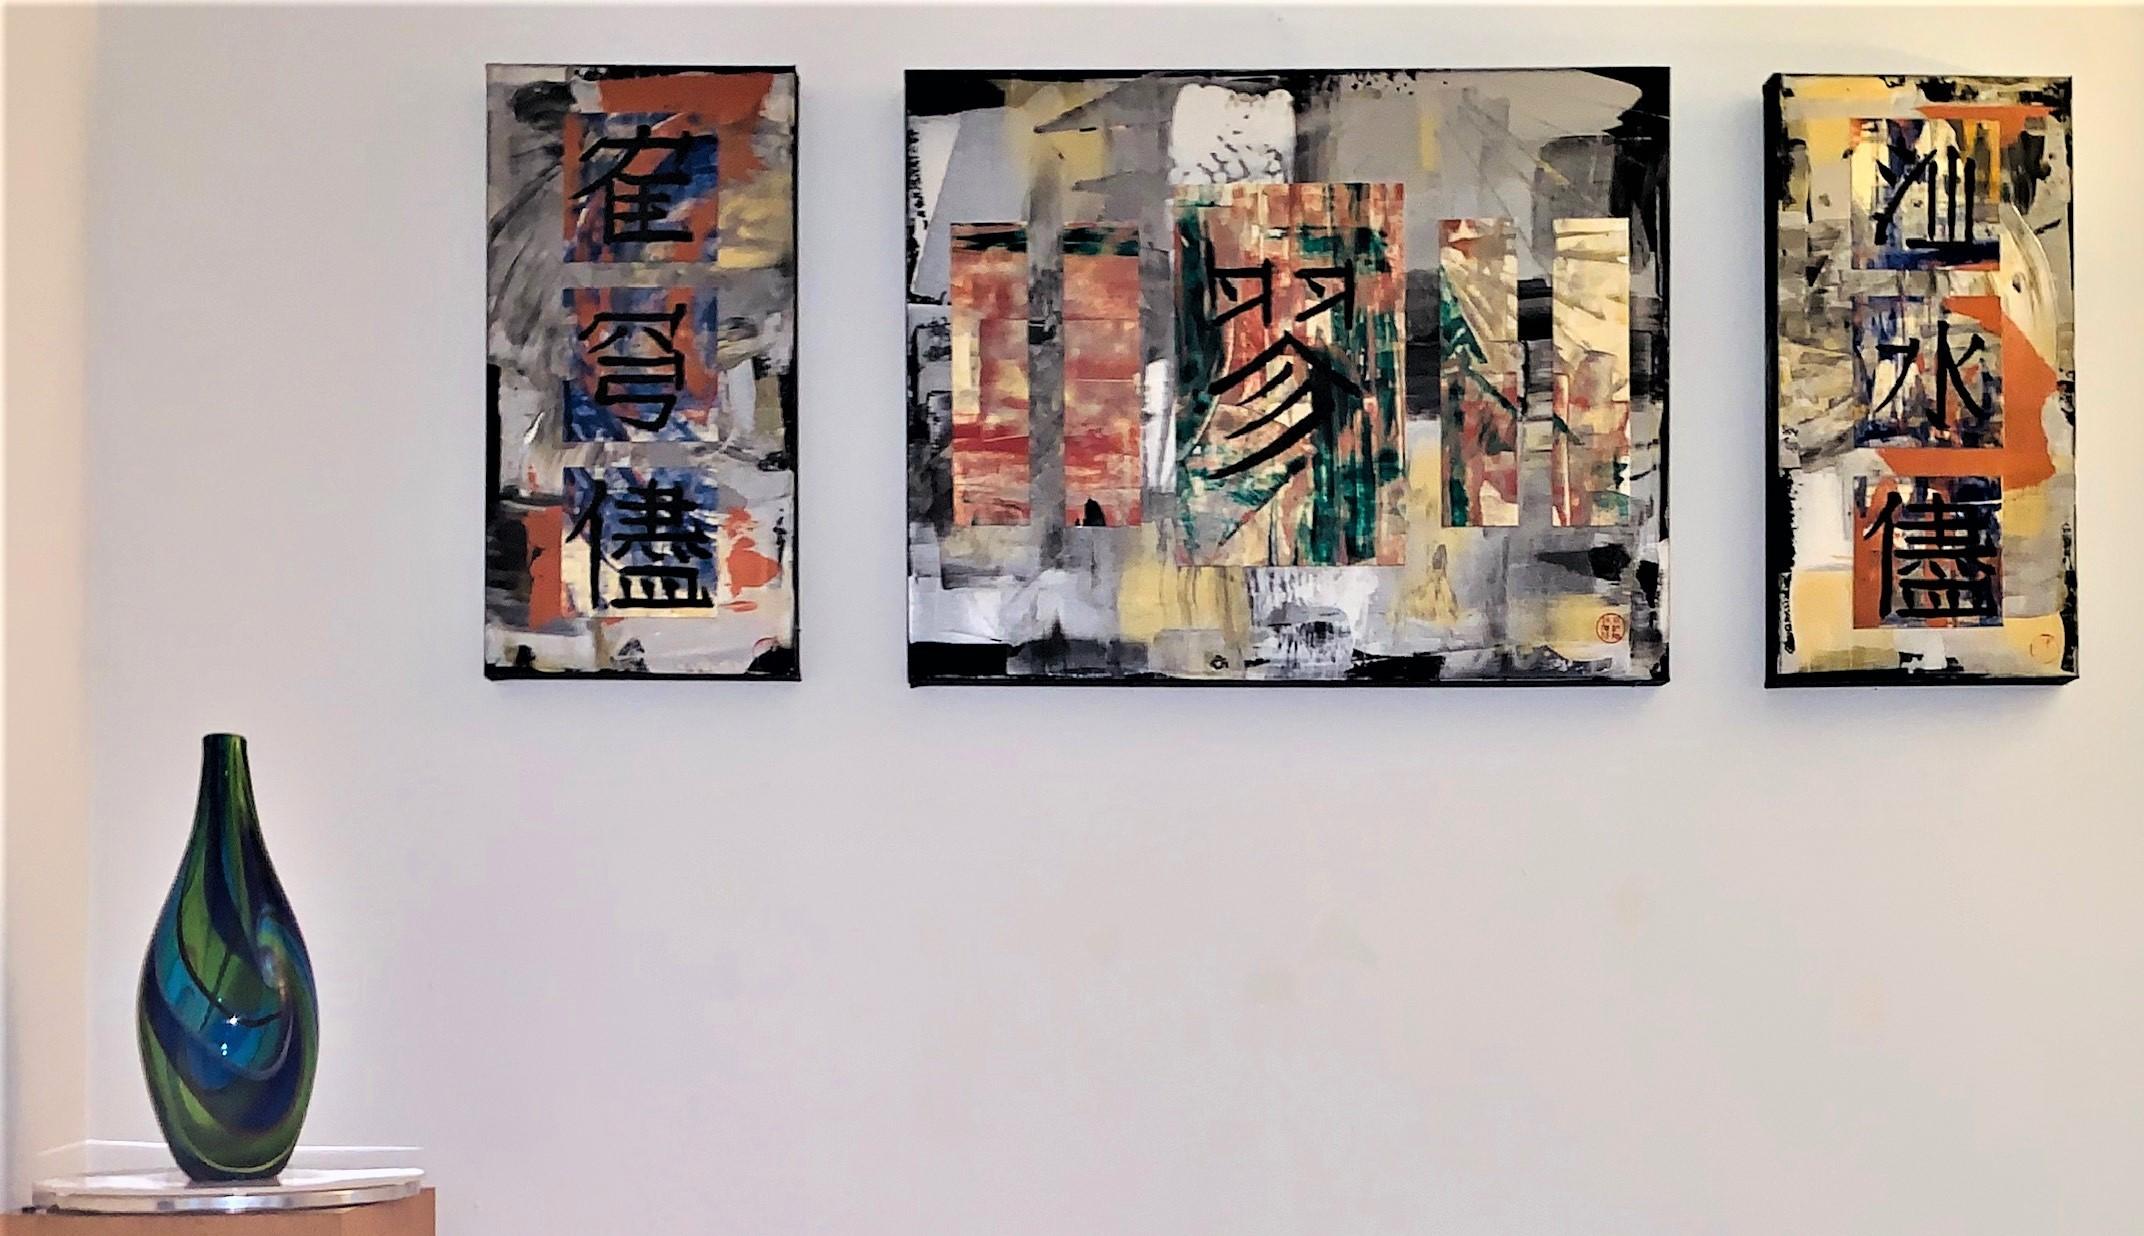 Triptych - As It Is